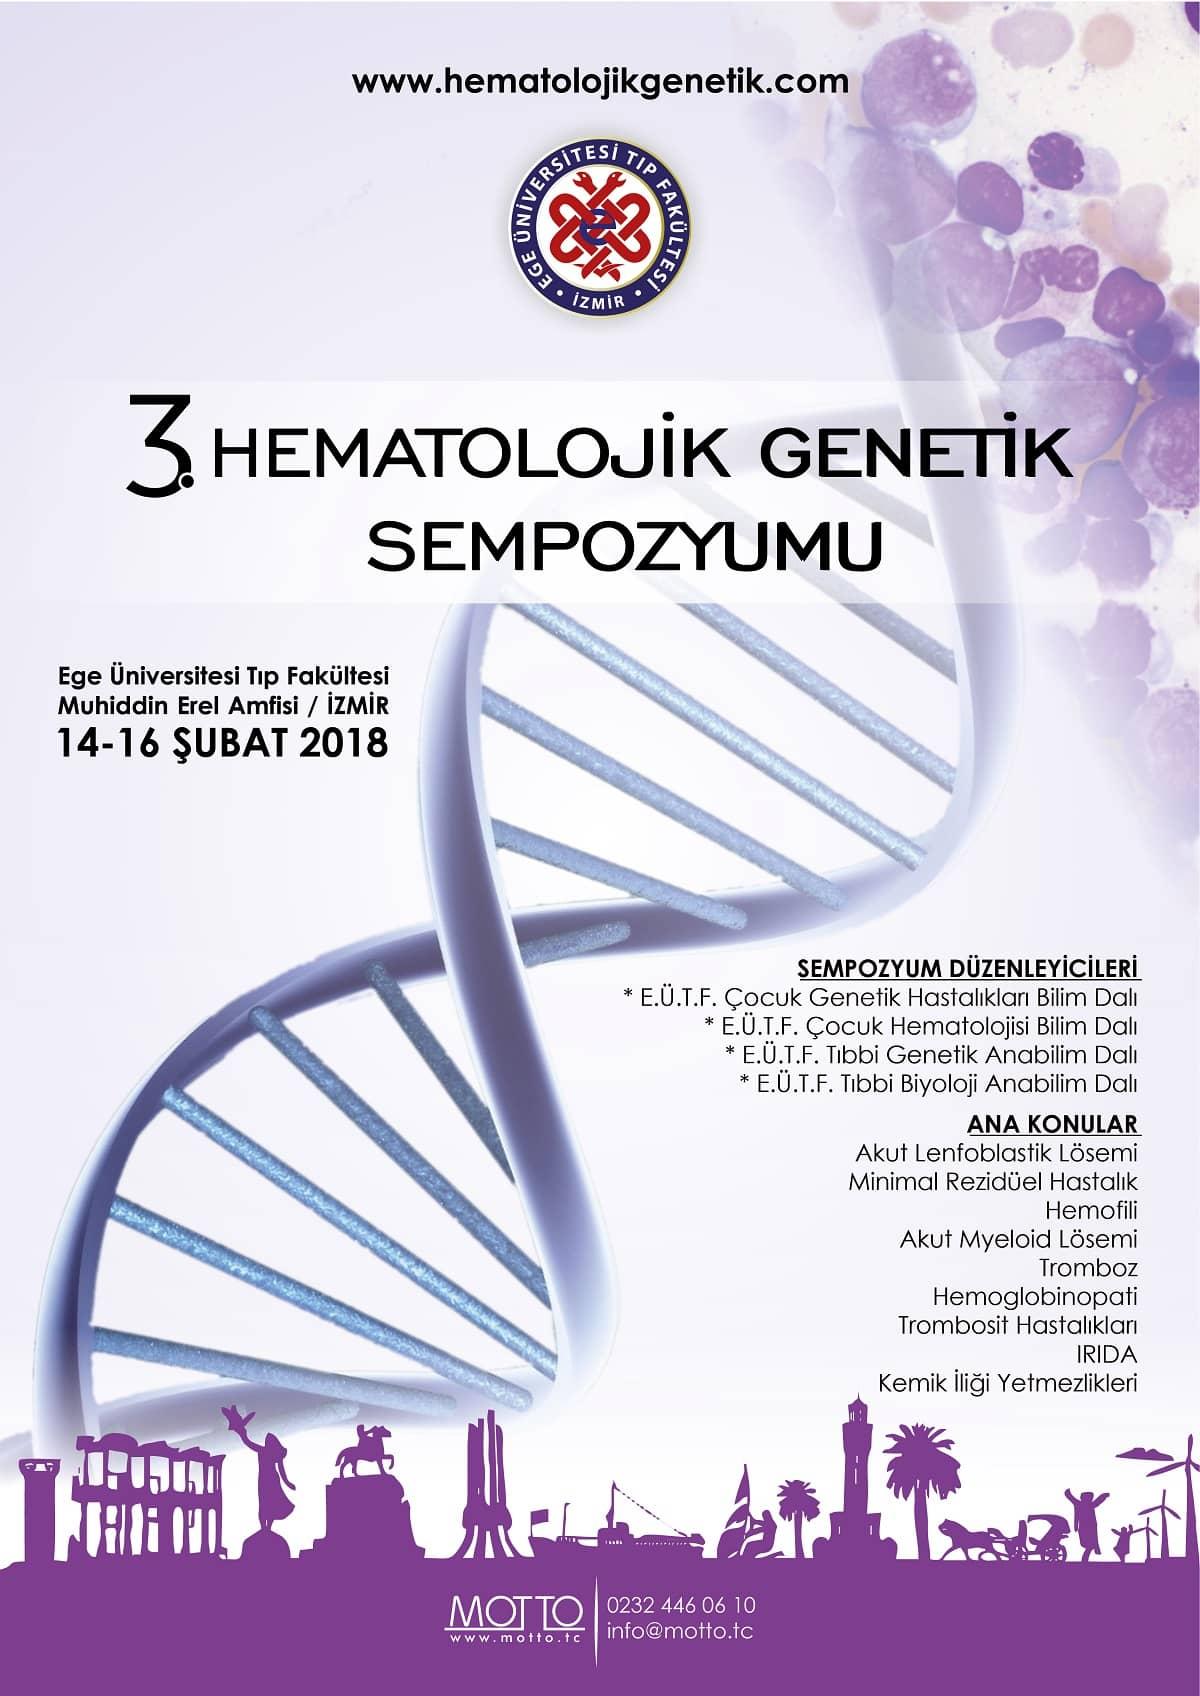 Hematolojik Genetik Kongresi